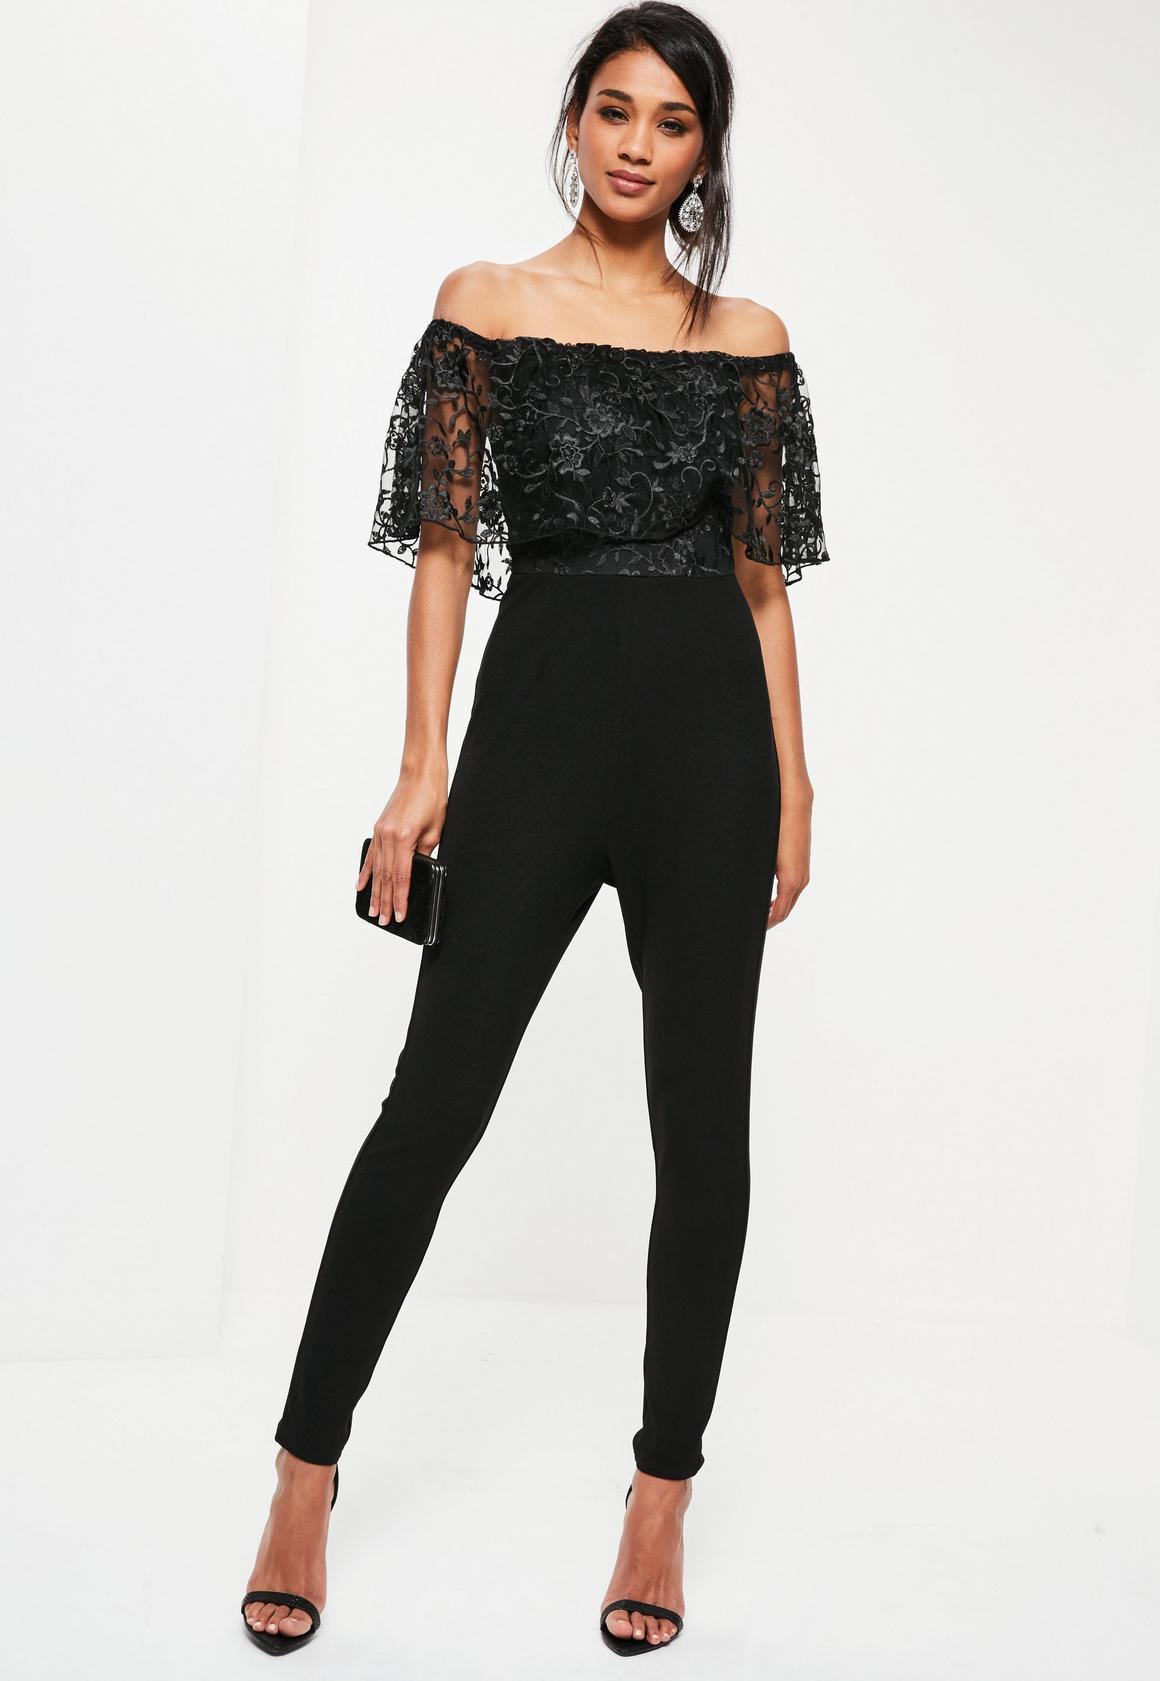 Petite Black Floral Lace Top Bardot Jumpsuit | Missguided